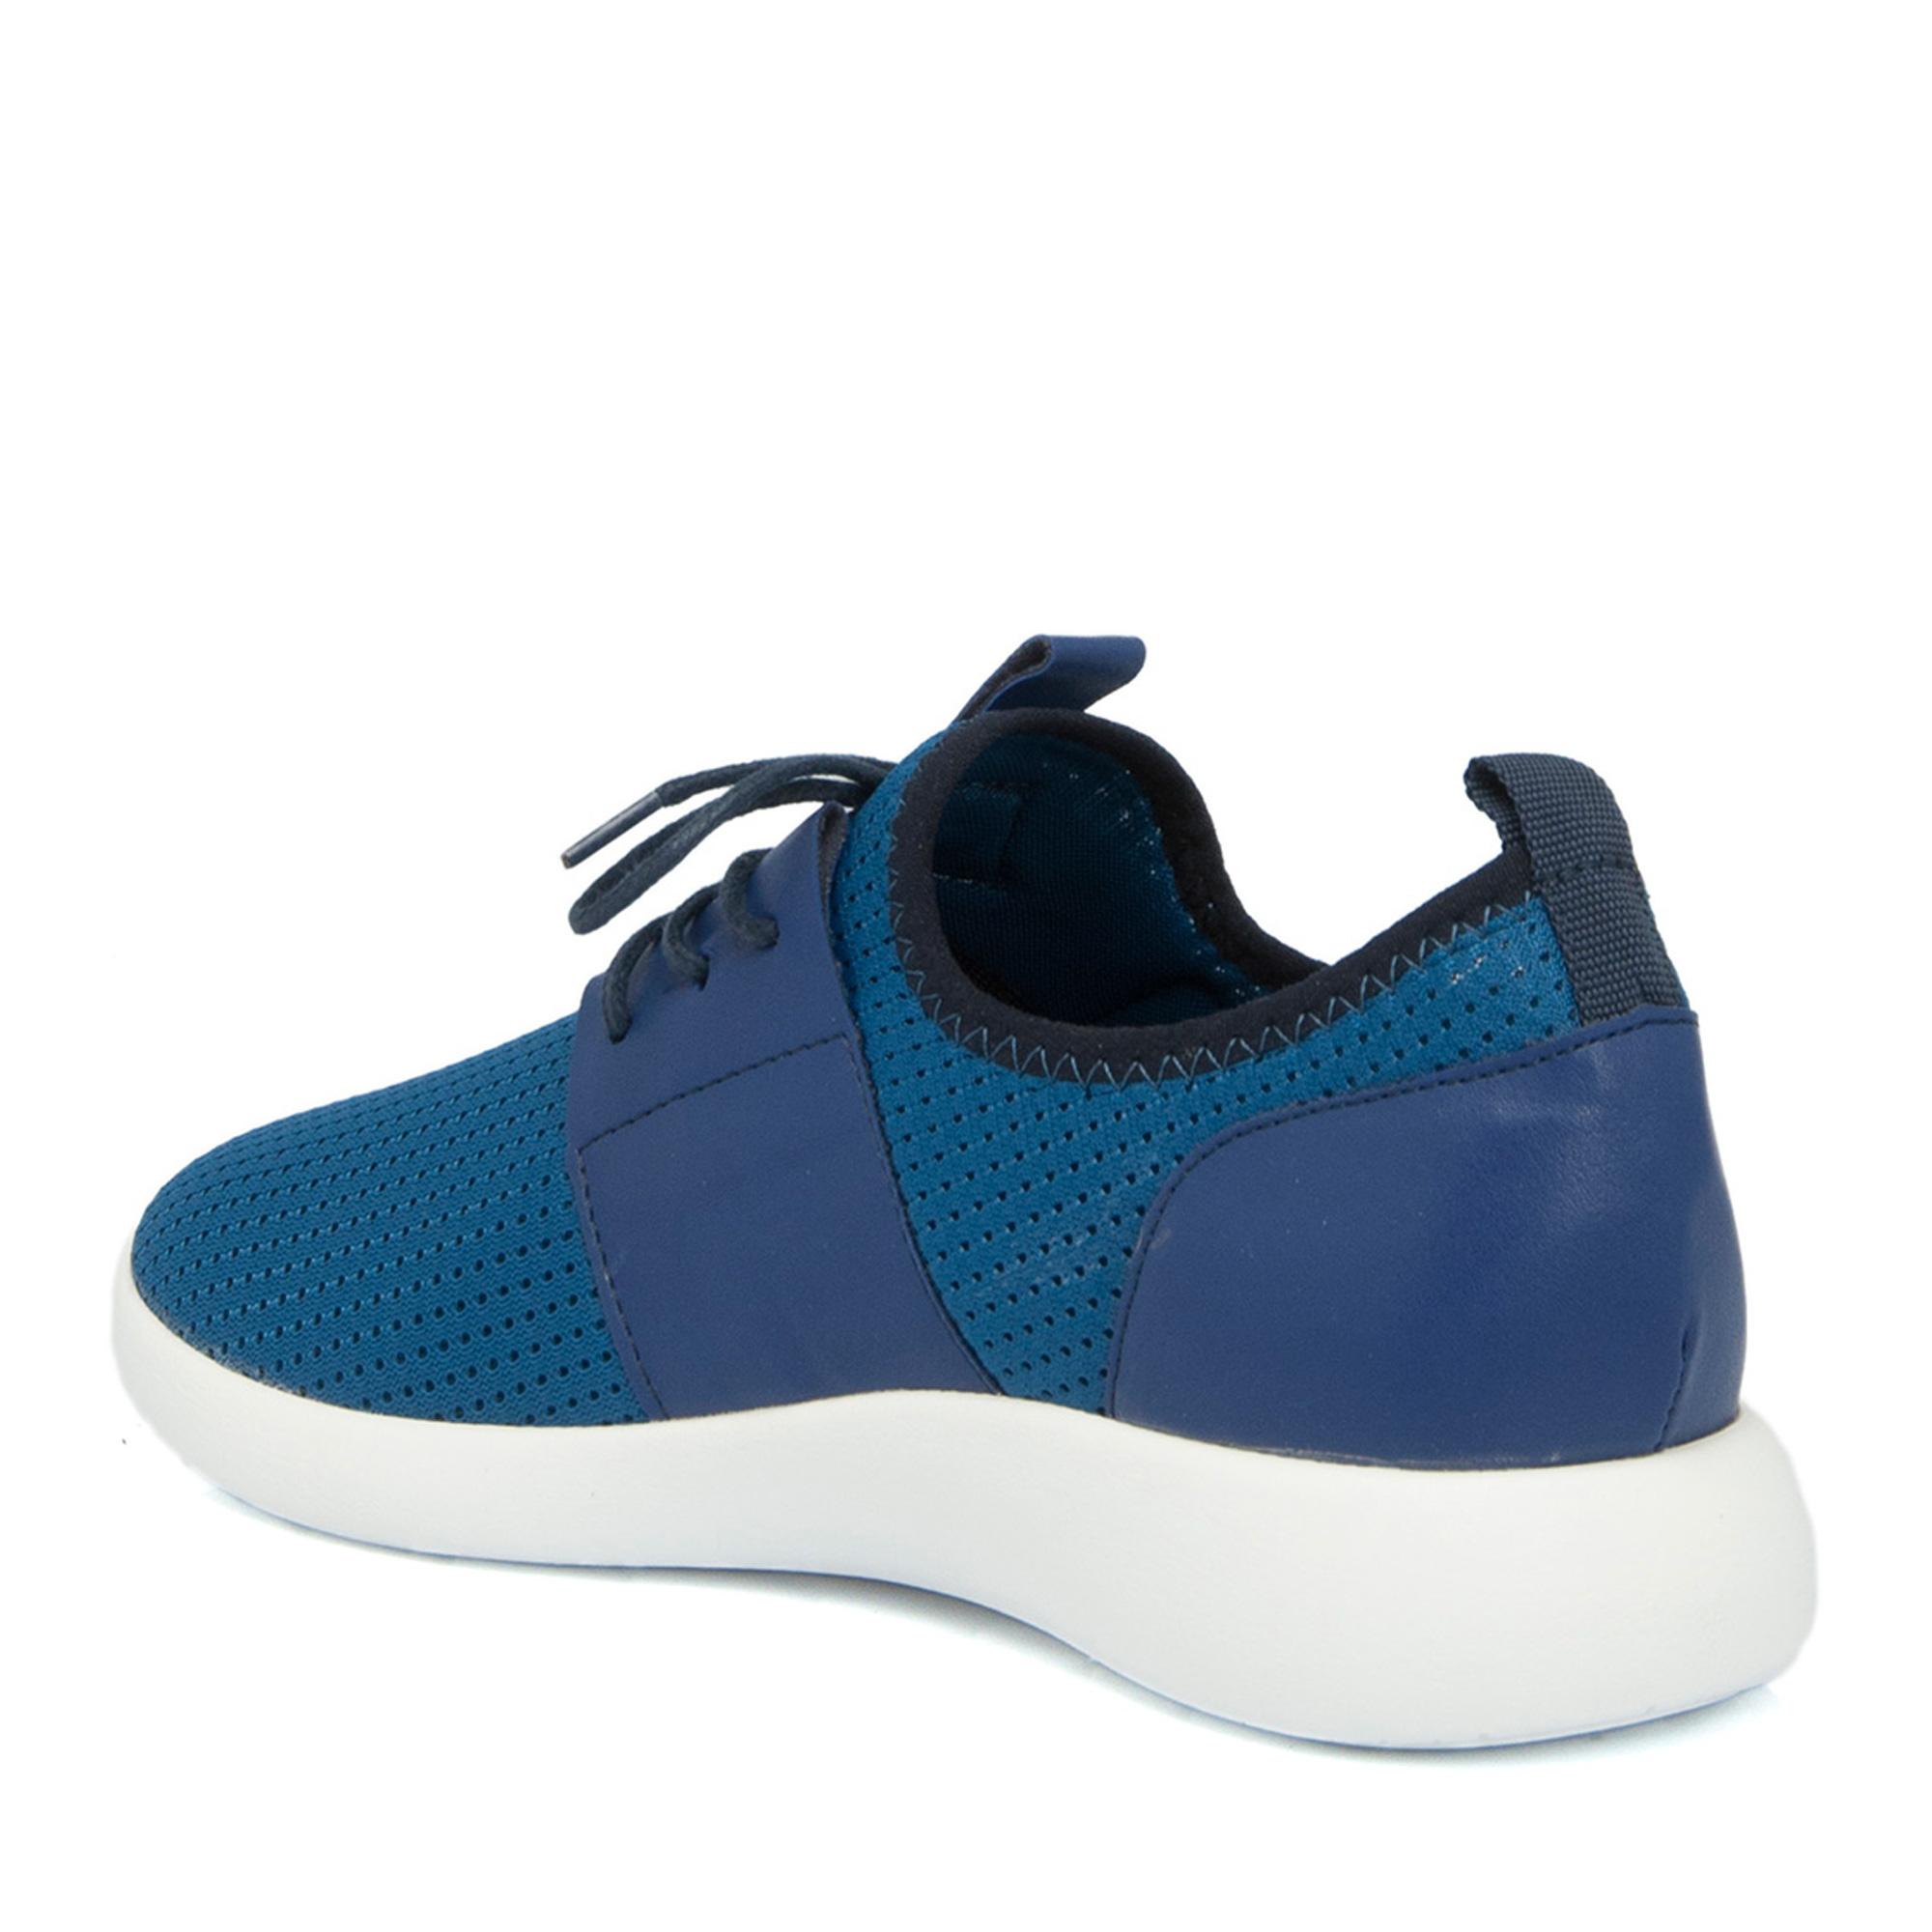 Lacivert Tekstil Kadın Ayakkabı 64469I49